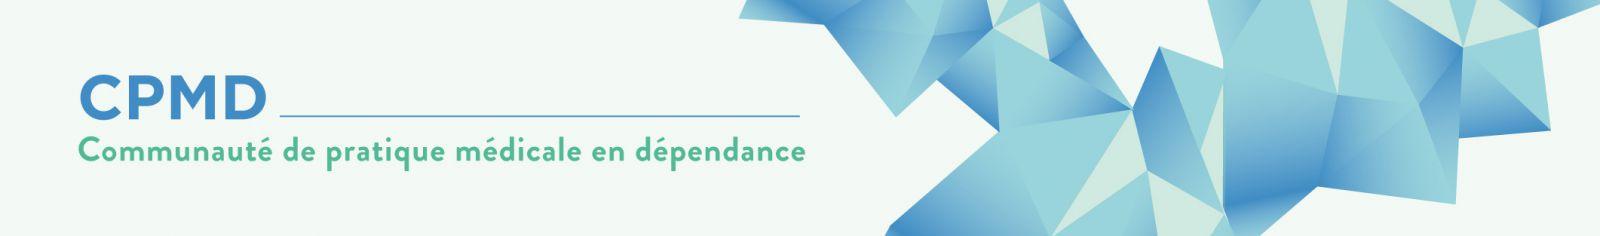 (Bannière logo de la Communauté de pratique)